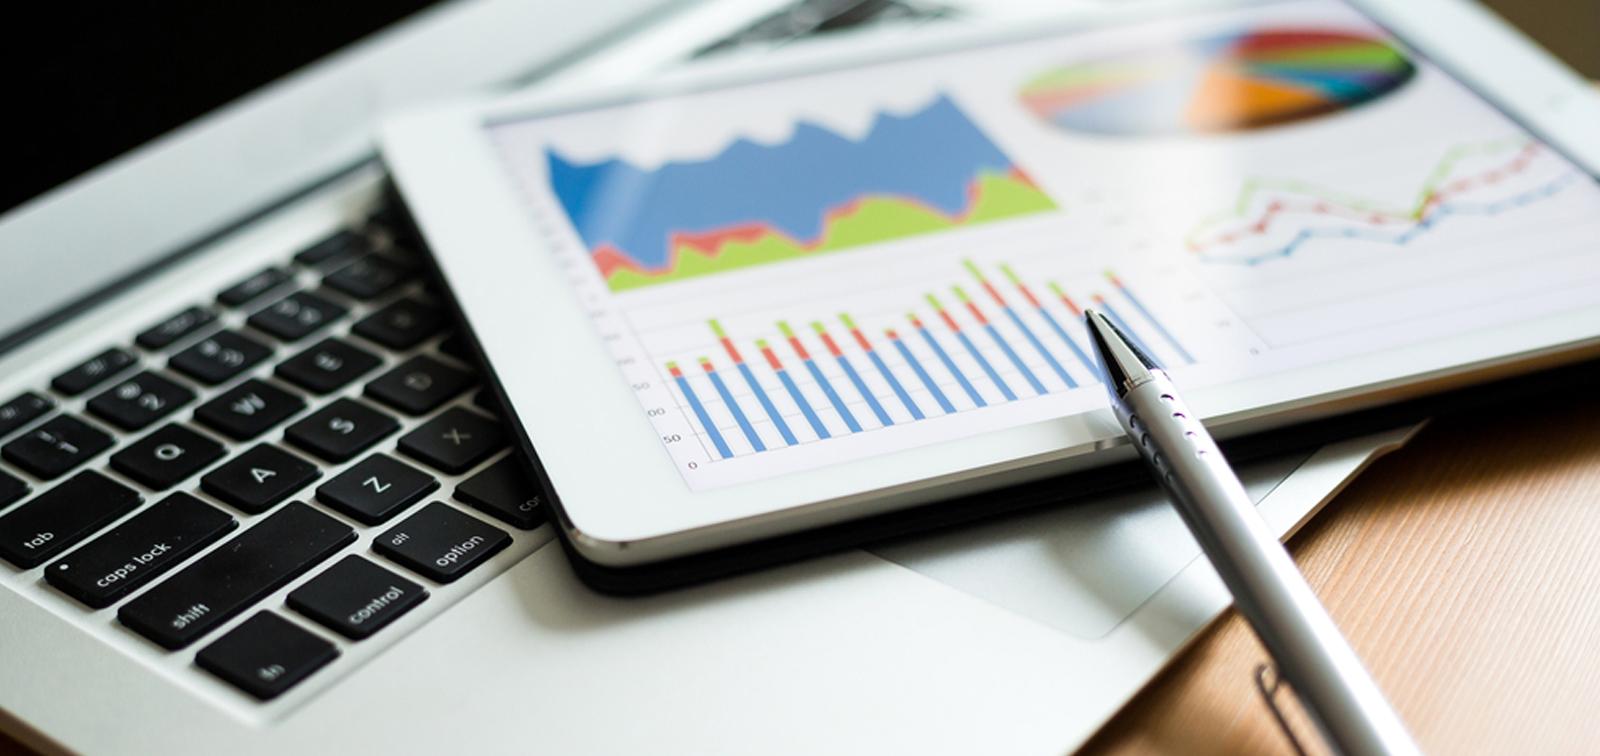 Analítica web: por qué es importante para las empresas